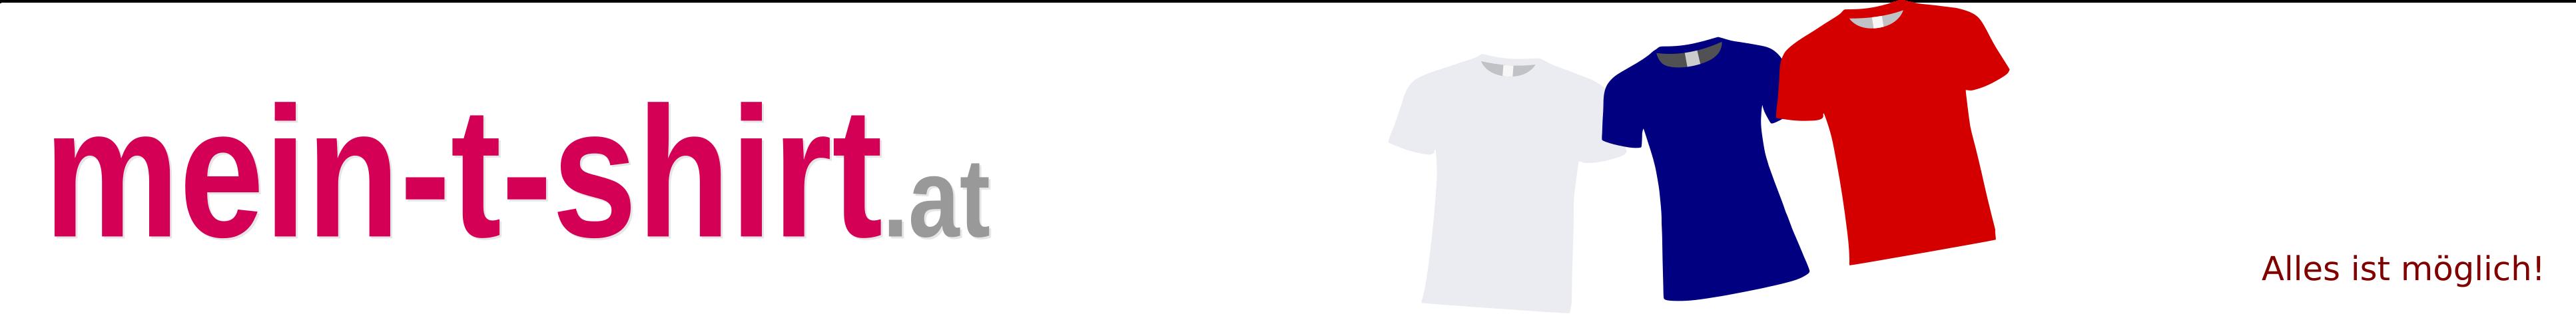 mein-t-shirt.at – Alles ist möglich!